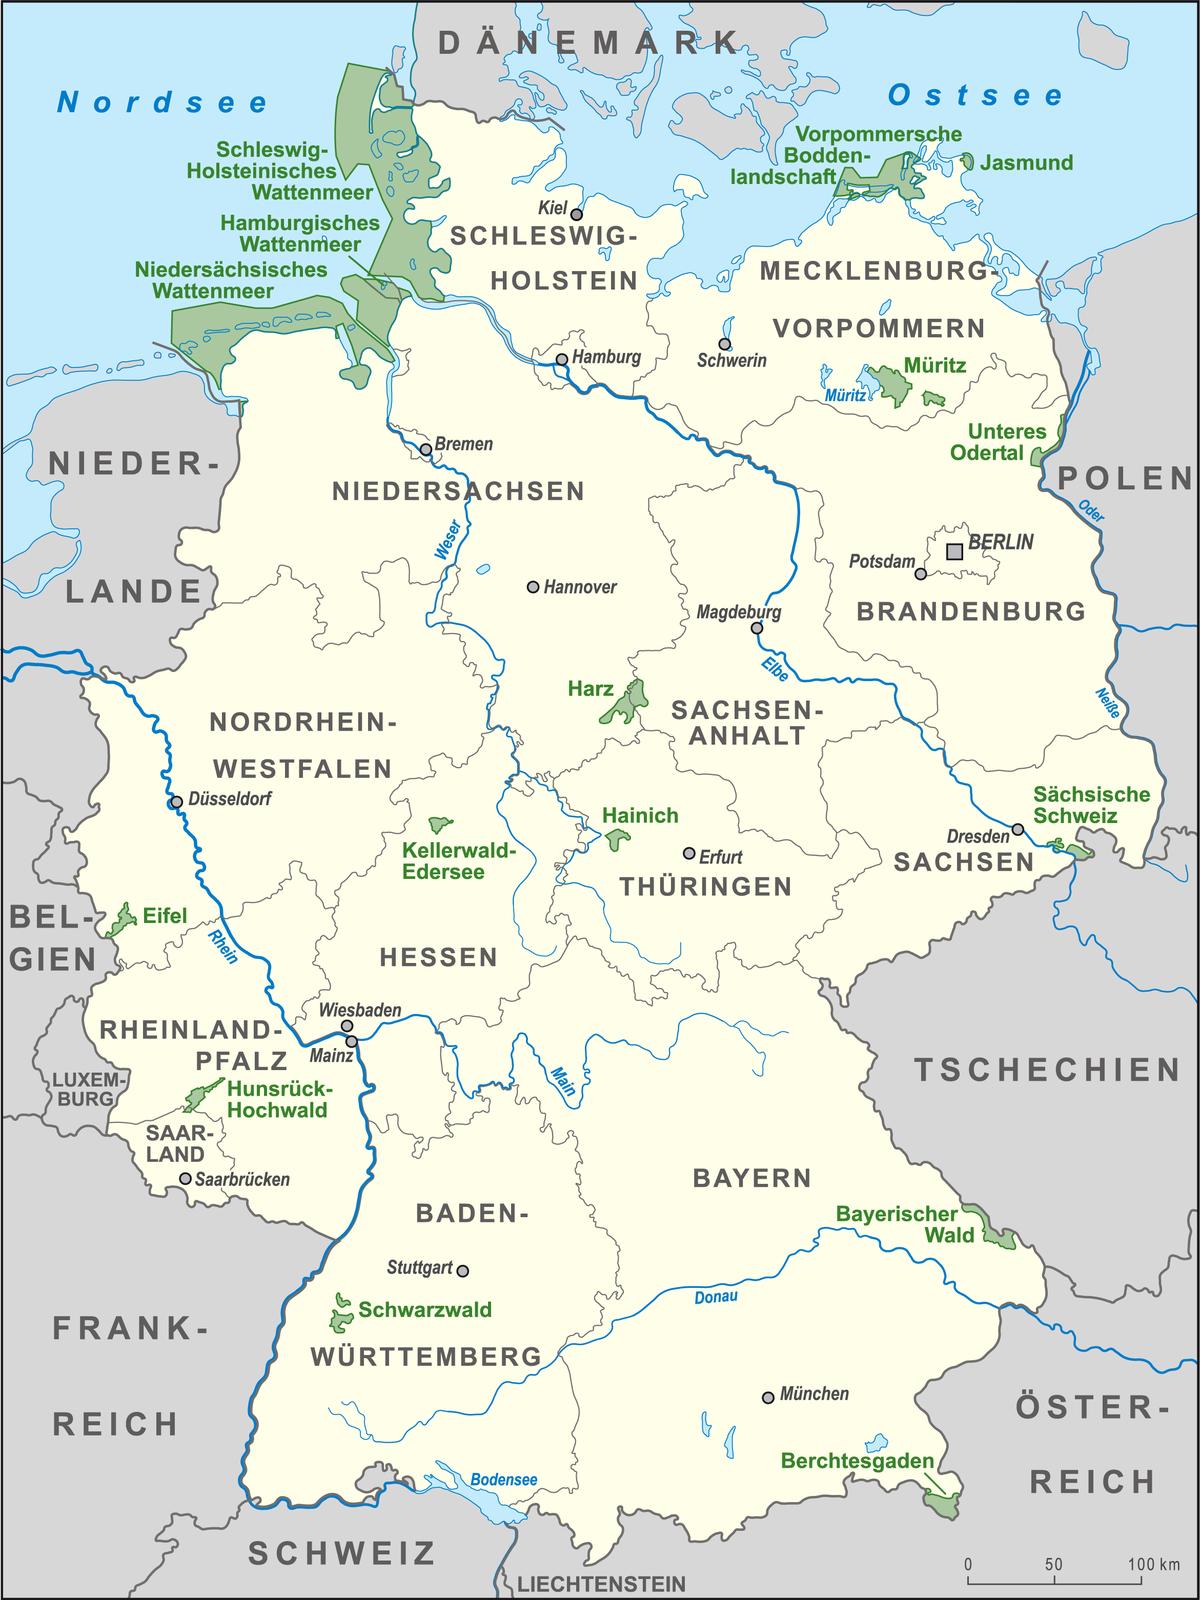 deutschland karte wikipedia Nationalparks in Deutschland – Wikipedia in 2020 | Karte